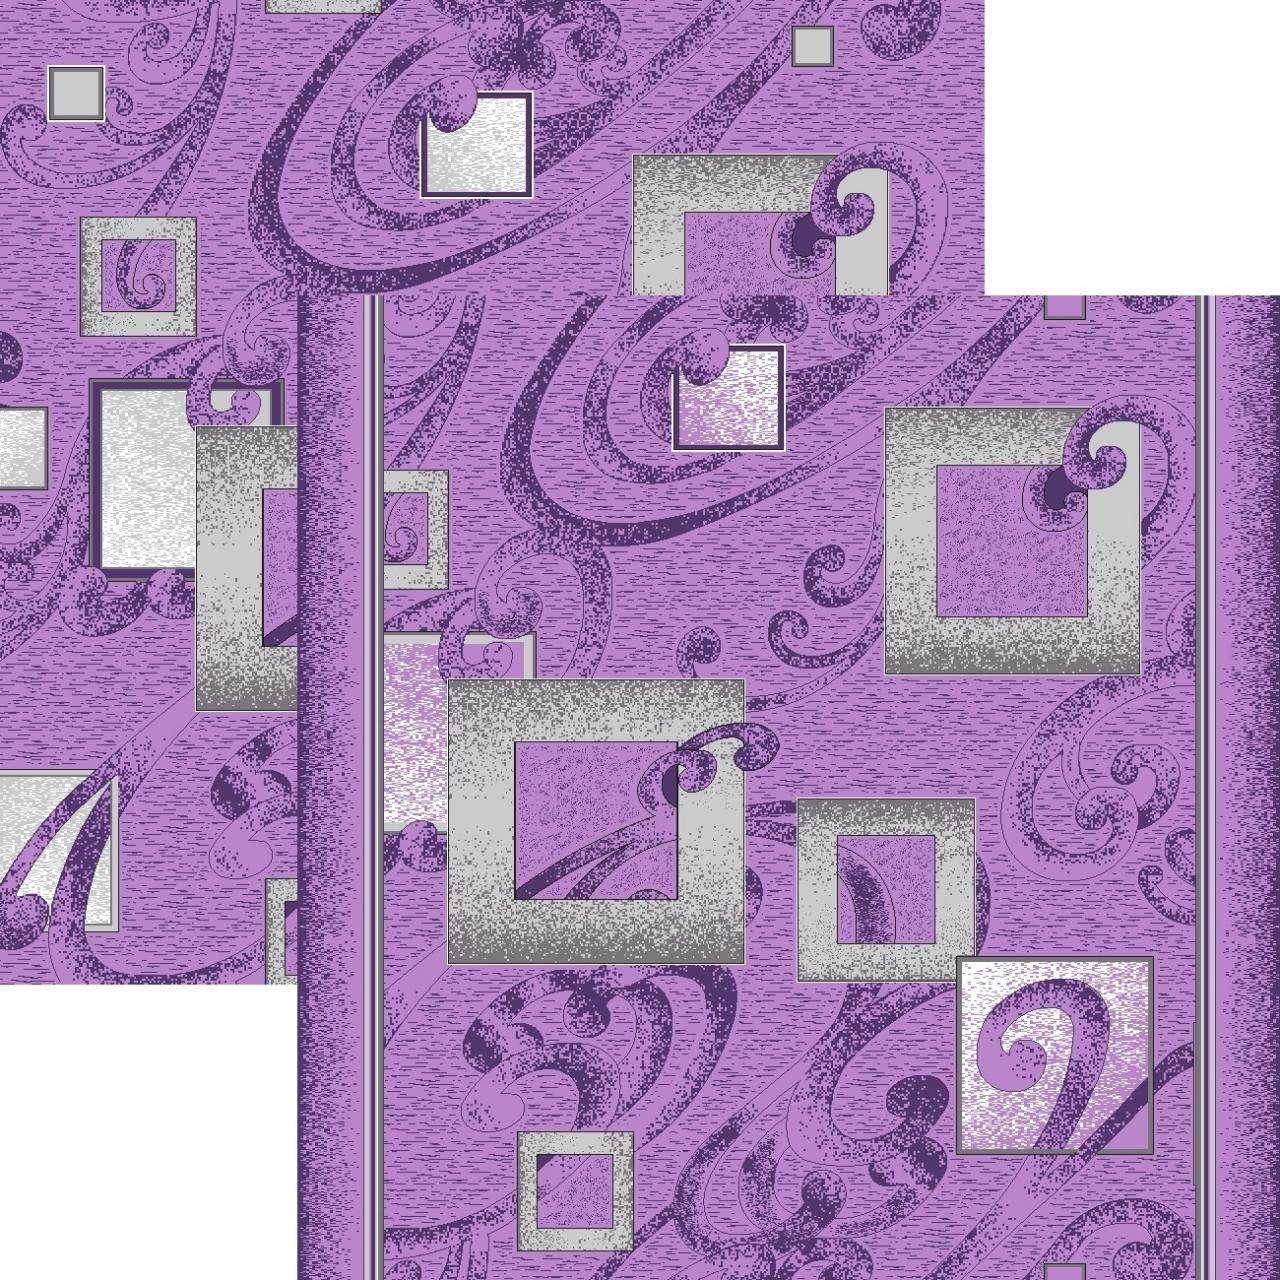 Ковровая дорожка p1023m5p - 50 - коллекция принт 8-ми цветное полотно - фото 1